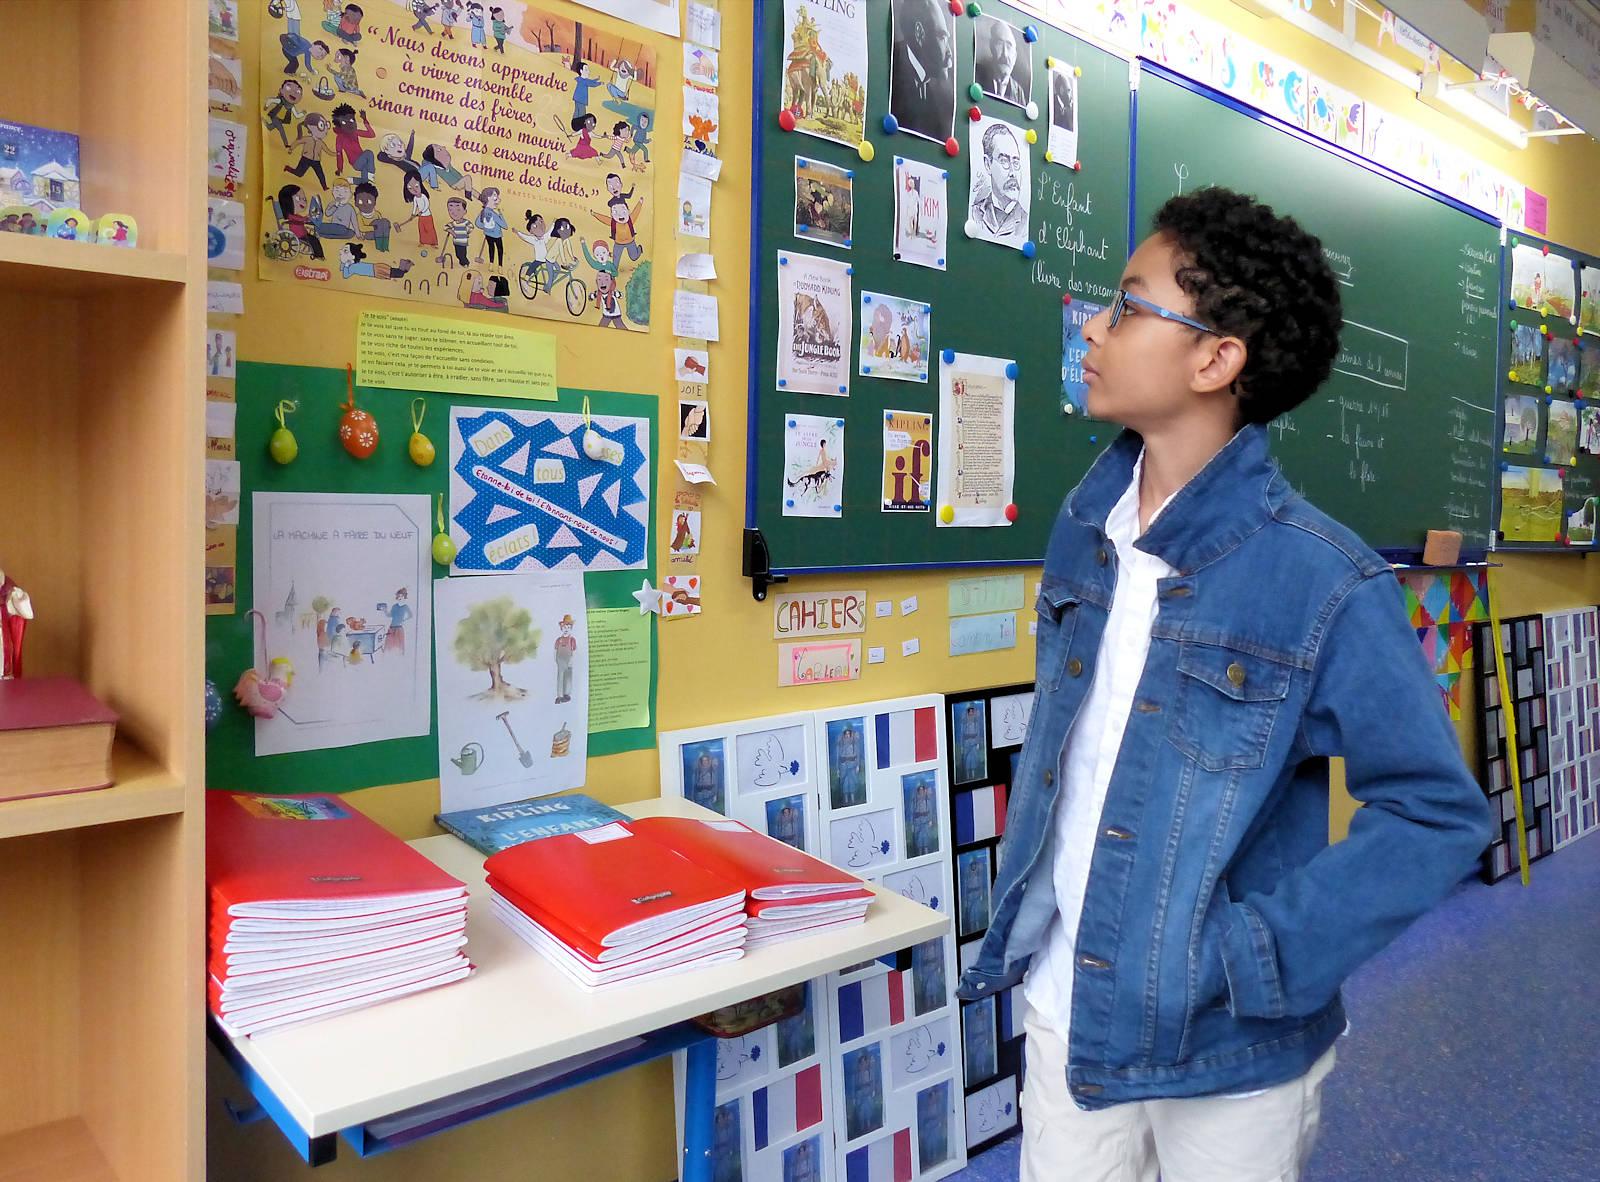 École primaire CNDI catholique privée, Tourcoing - Salle de classe